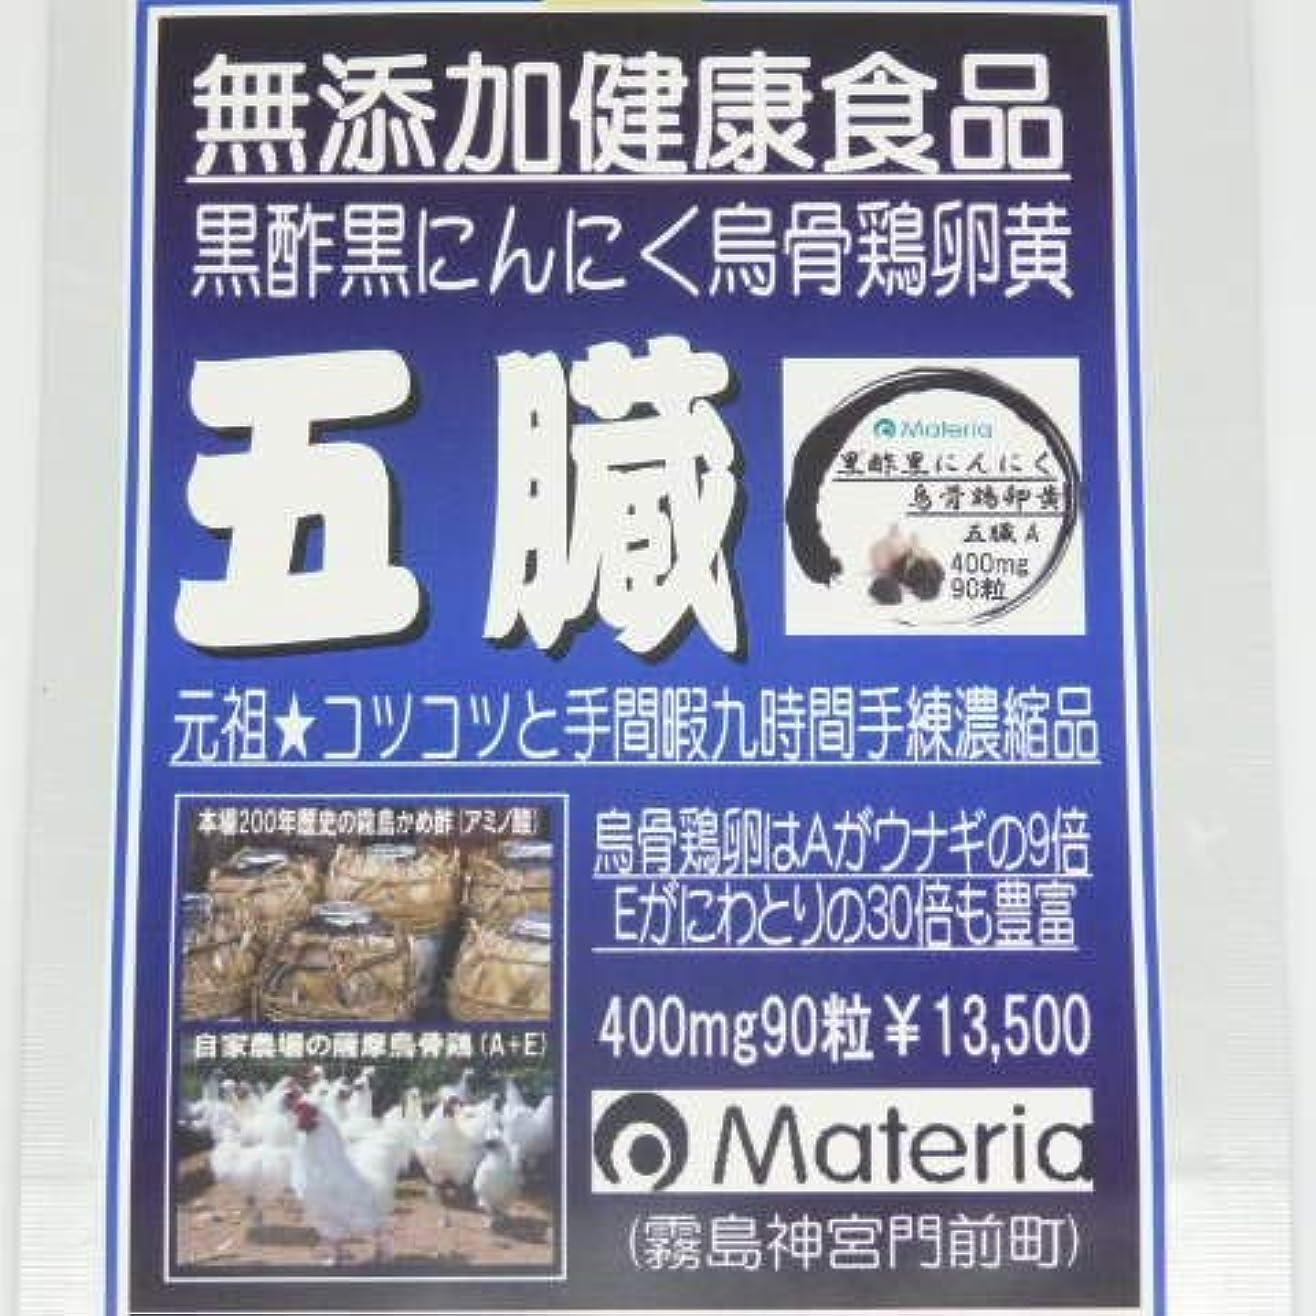 金銭的扱うユーモラス無添加健康食品/黒酢黒にんにく卵黄/五臓A系(90粒90日分)¥13,500